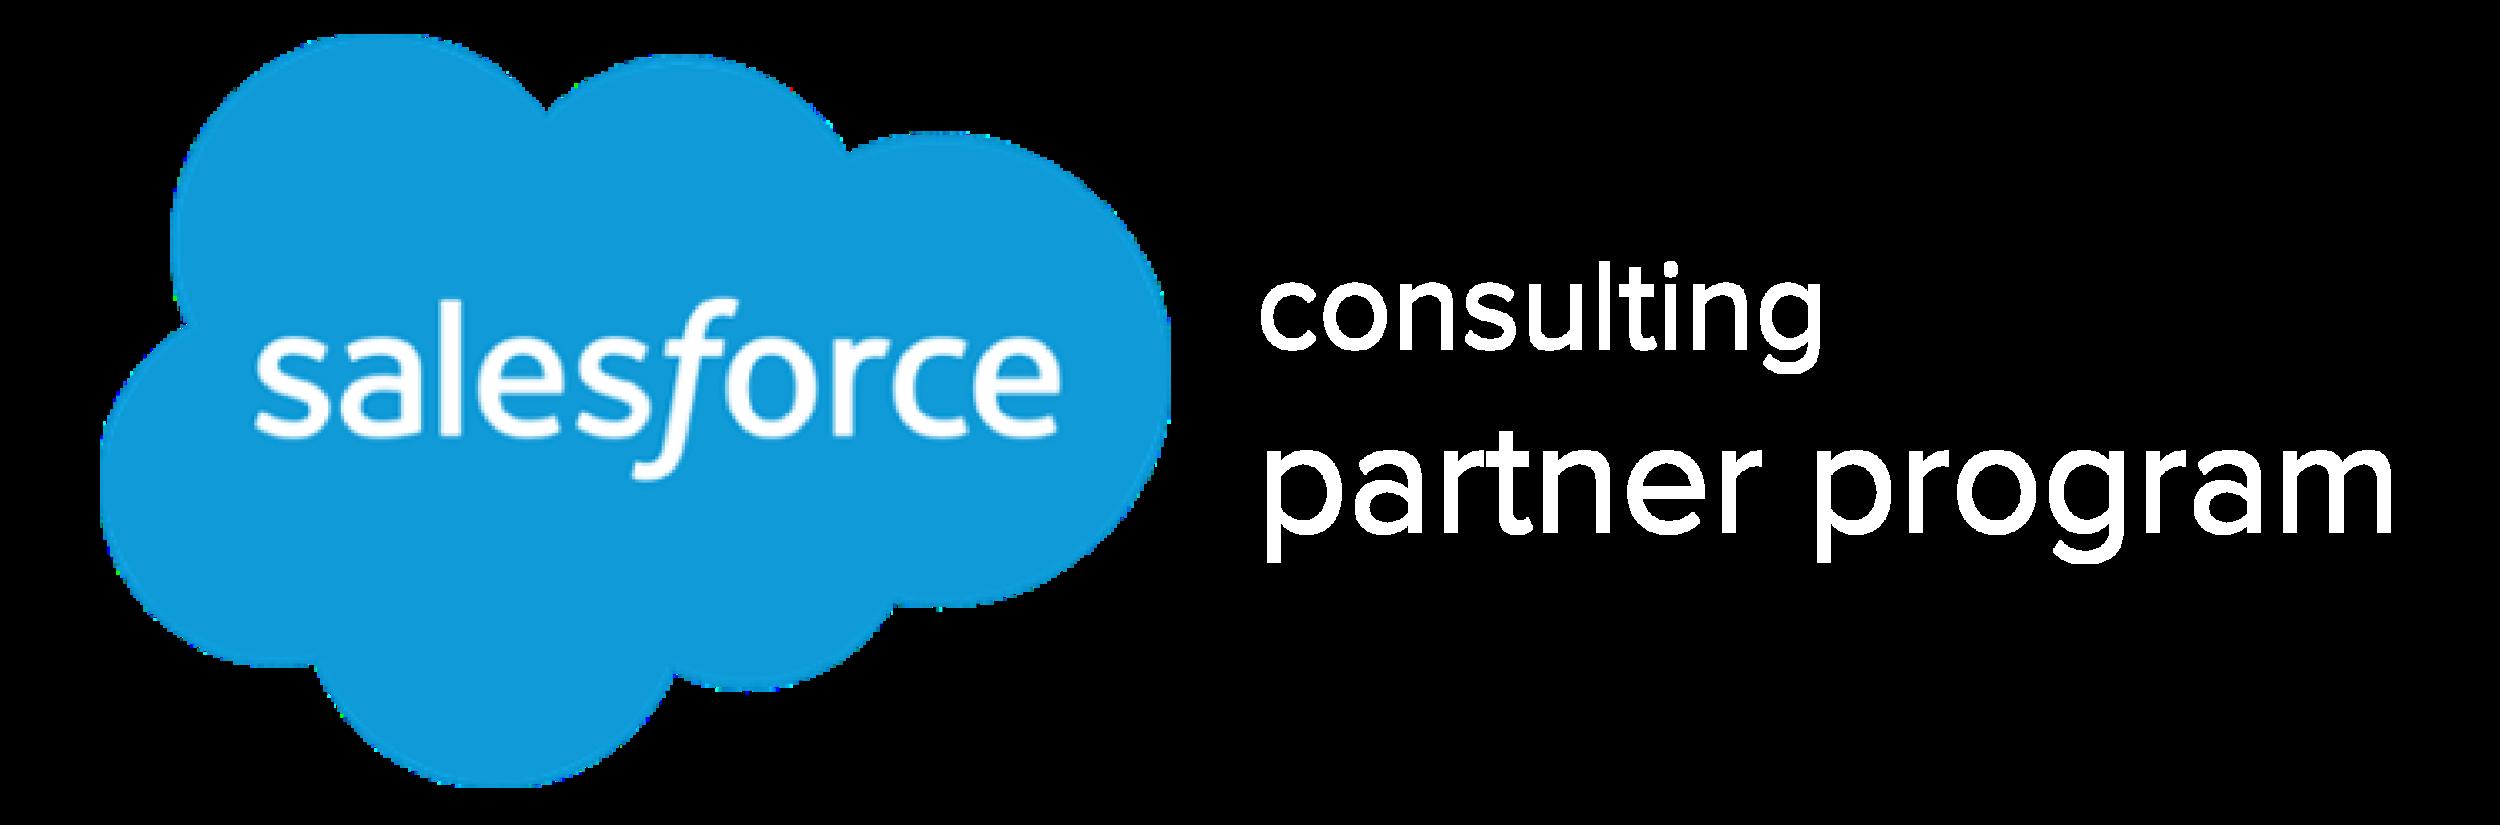 Salesforce-Partner.png